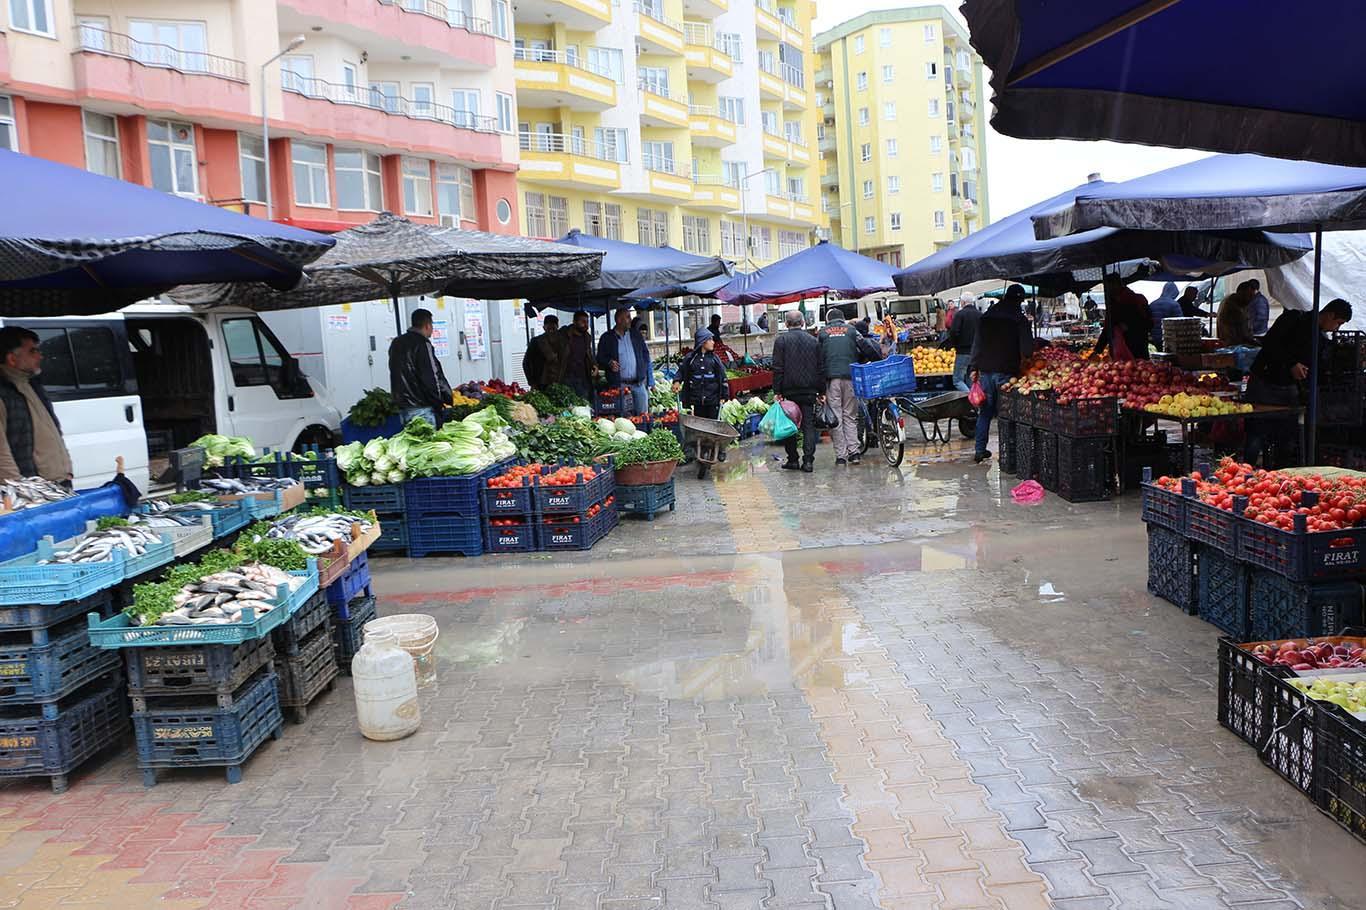 Kızıltepe'de kalabalığa girmek istemeyen vatandaş pazara gitmiyor